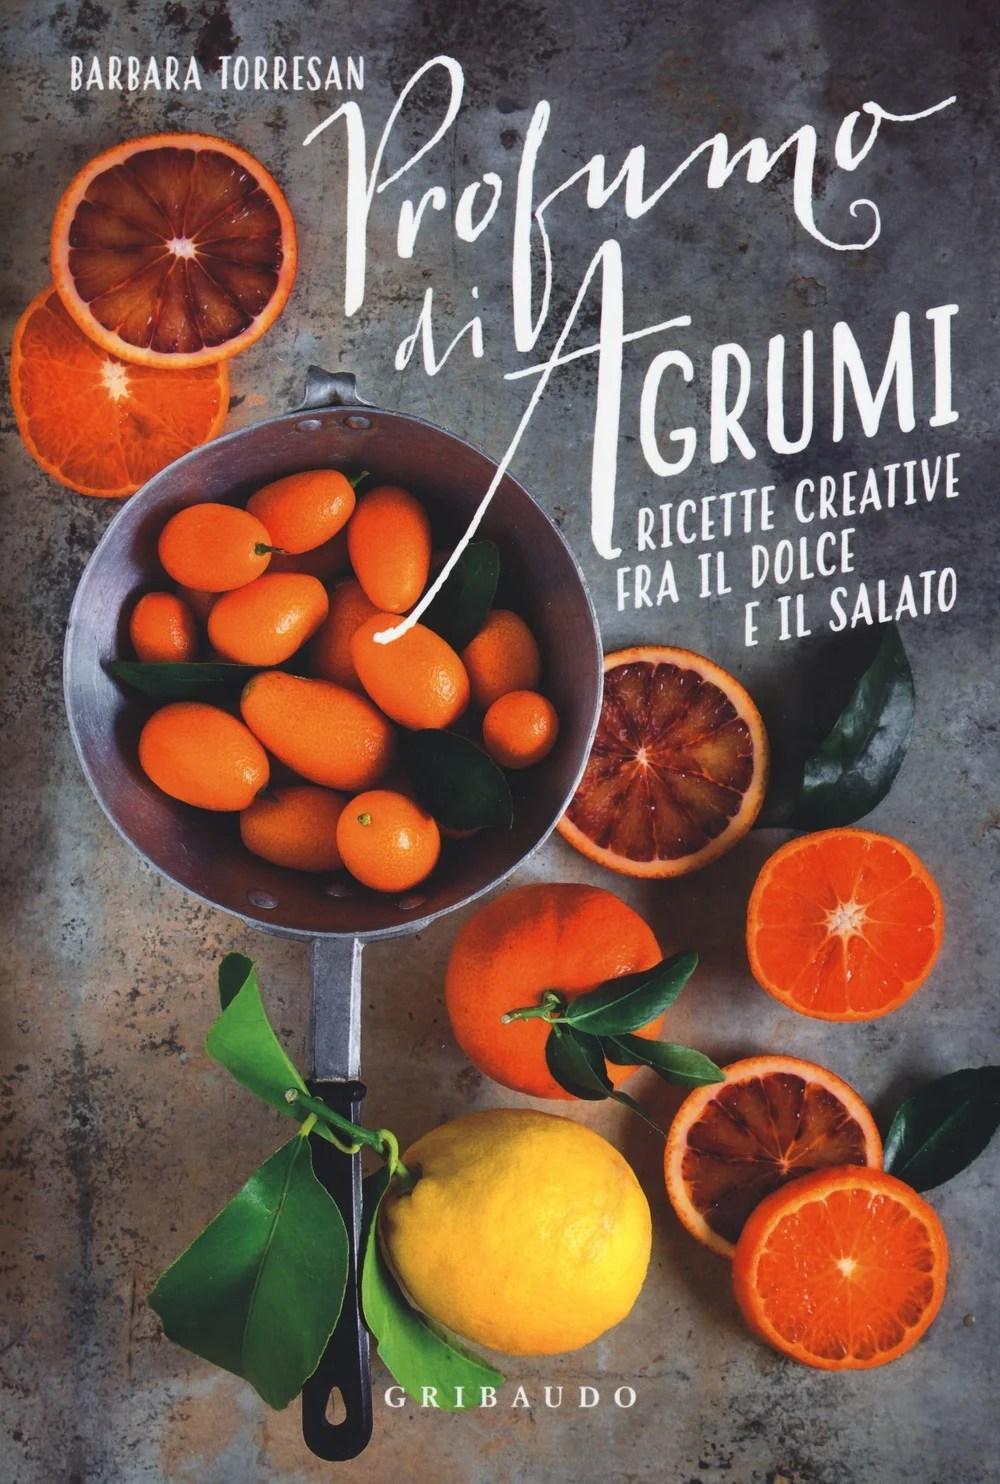 Recensione di Profumo Di Agrumi – Barbara Torresan